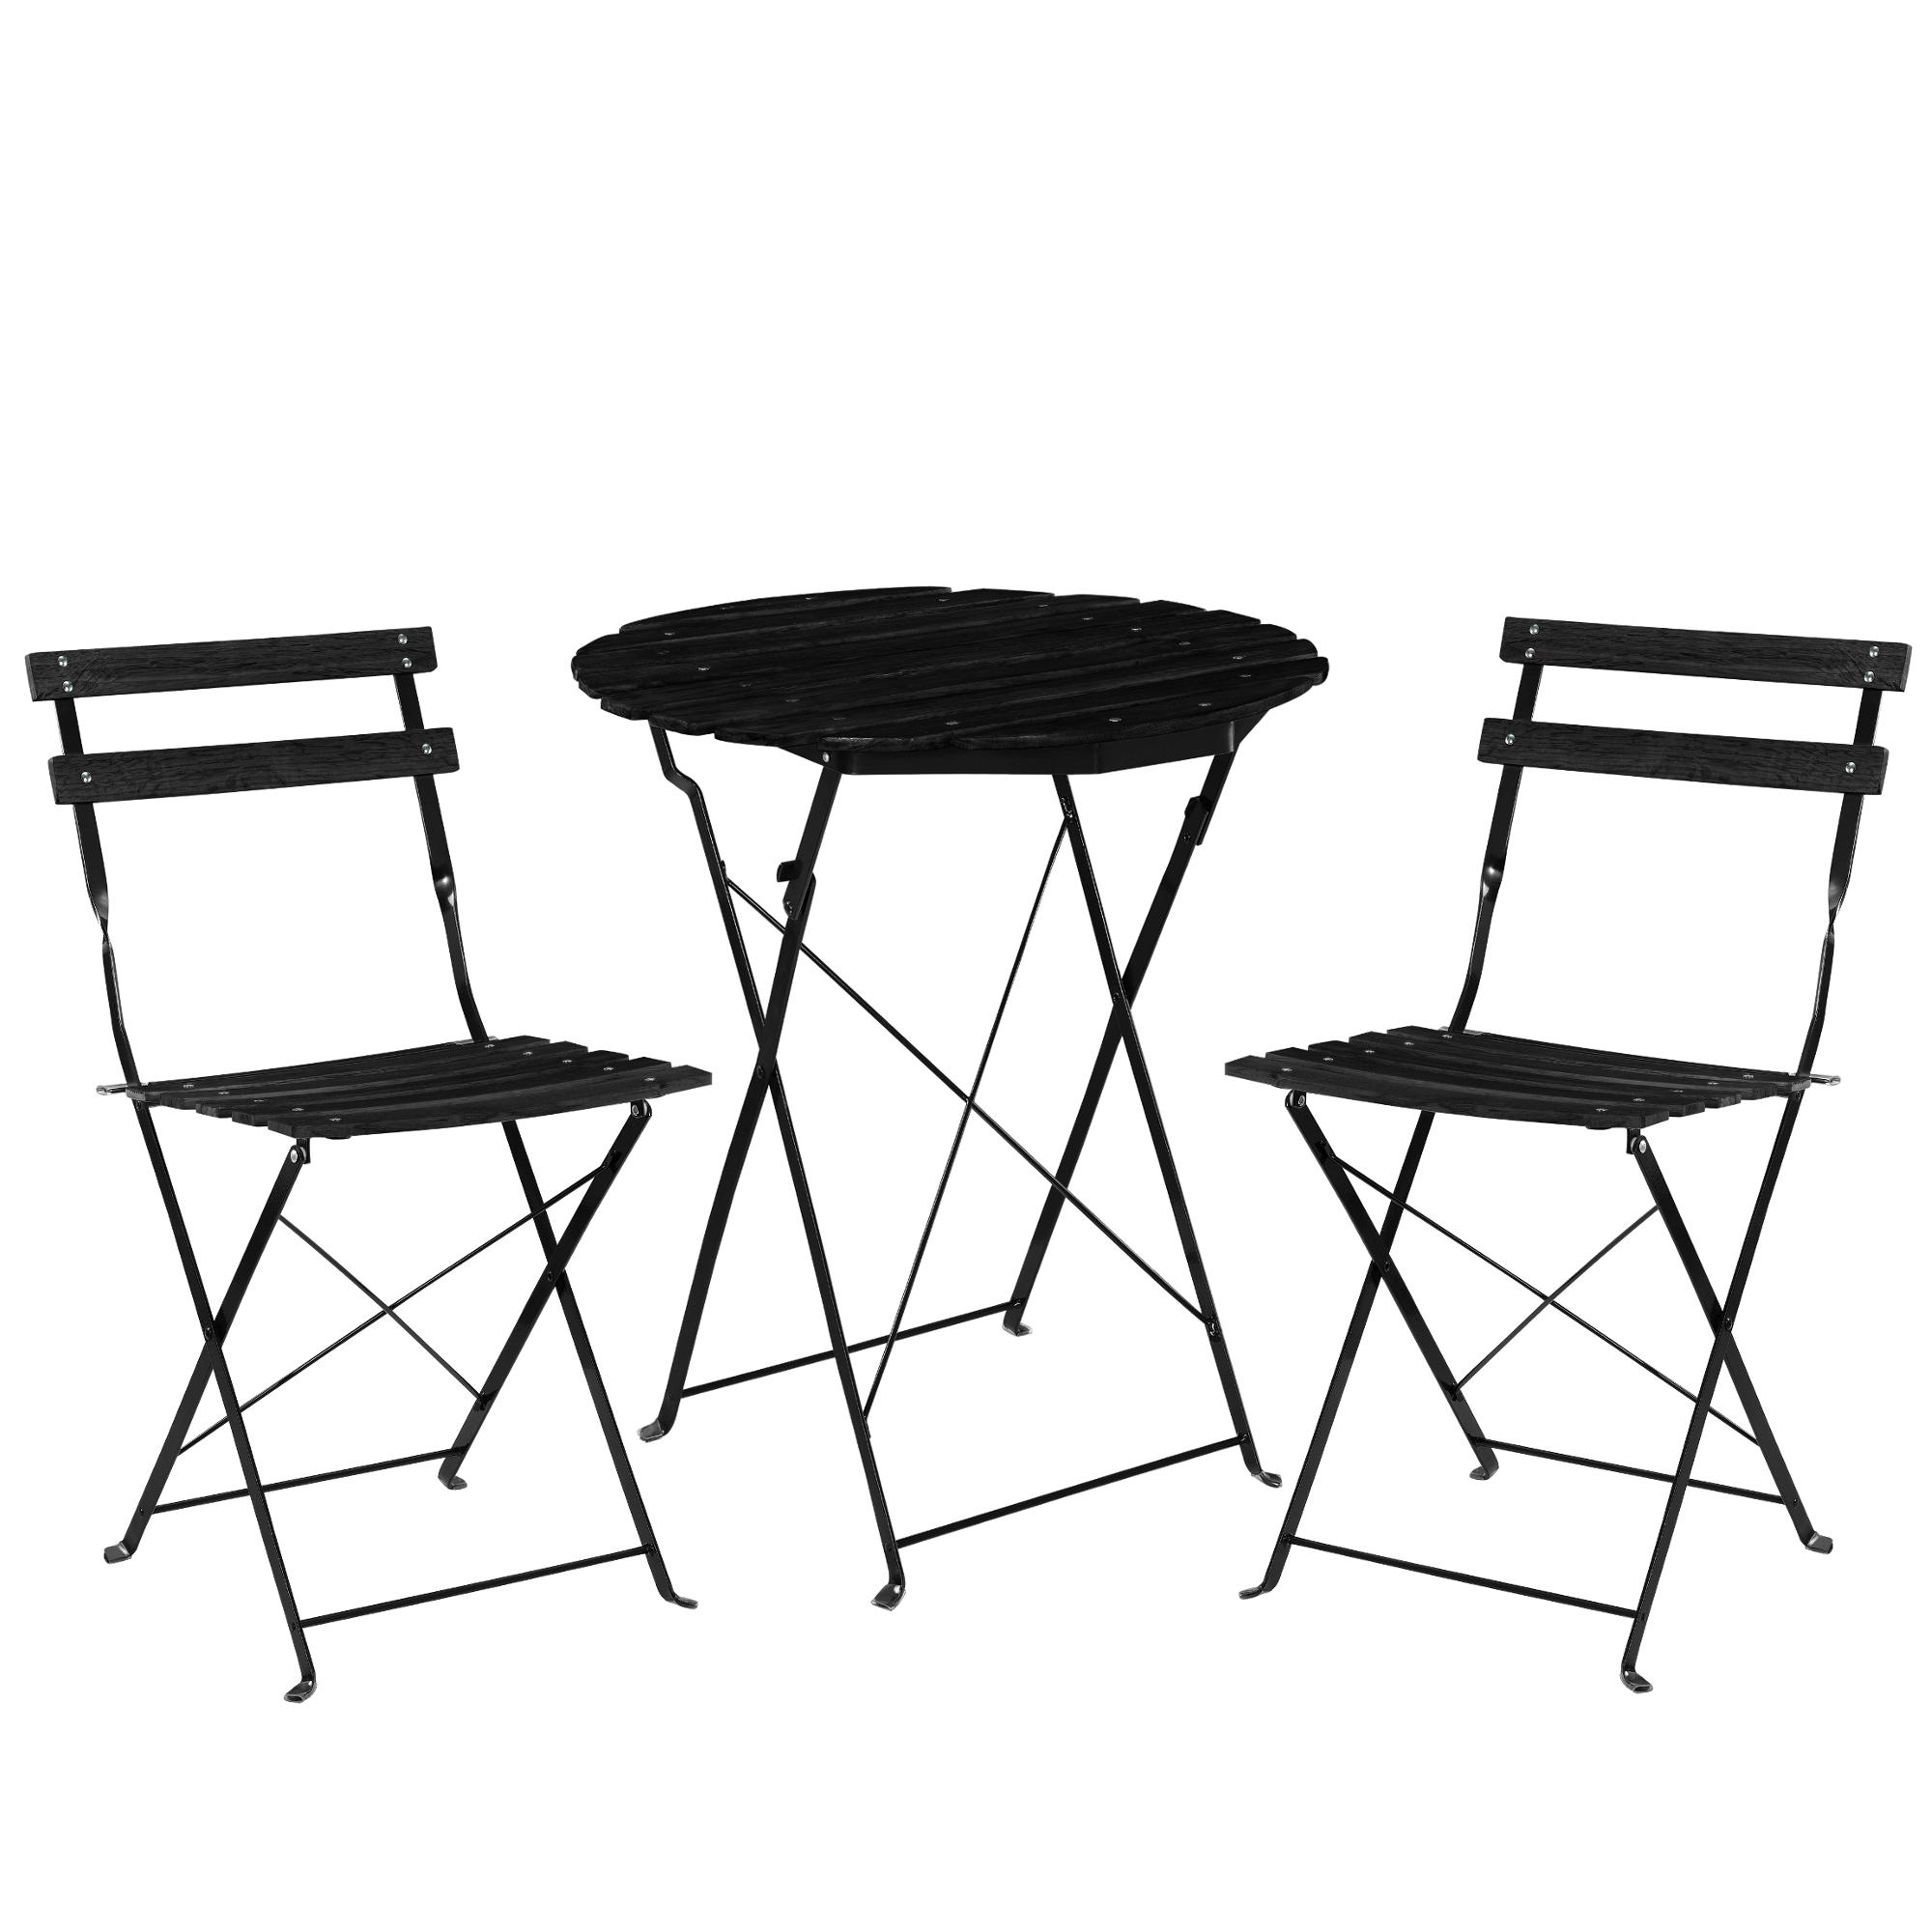 casa pro bistro set de table 2 chaises salle salon mobilier de jardin balcon ebay. Black Bedroom Furniture Sets. Home Design Ideas